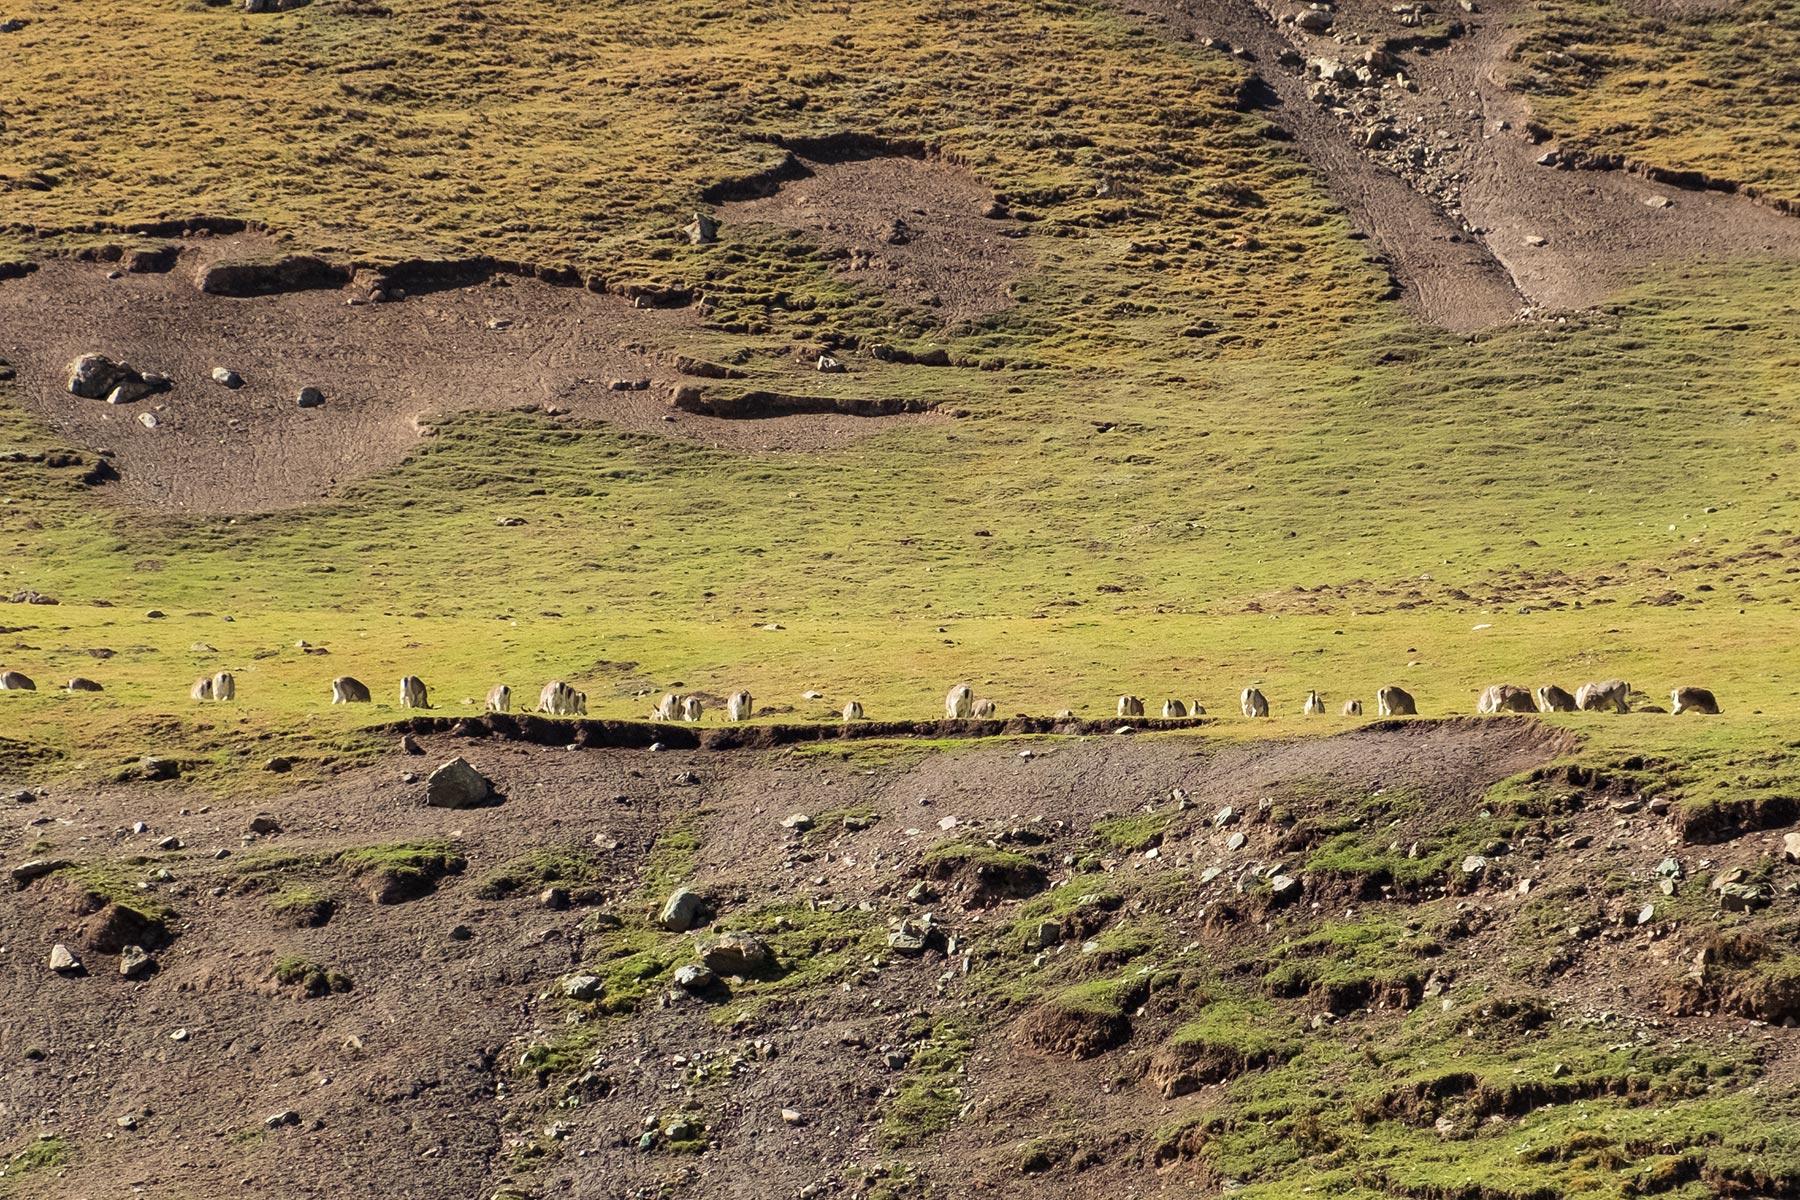 Fahrt von Gansu nach Qinghai durch die Berge mit Rehen